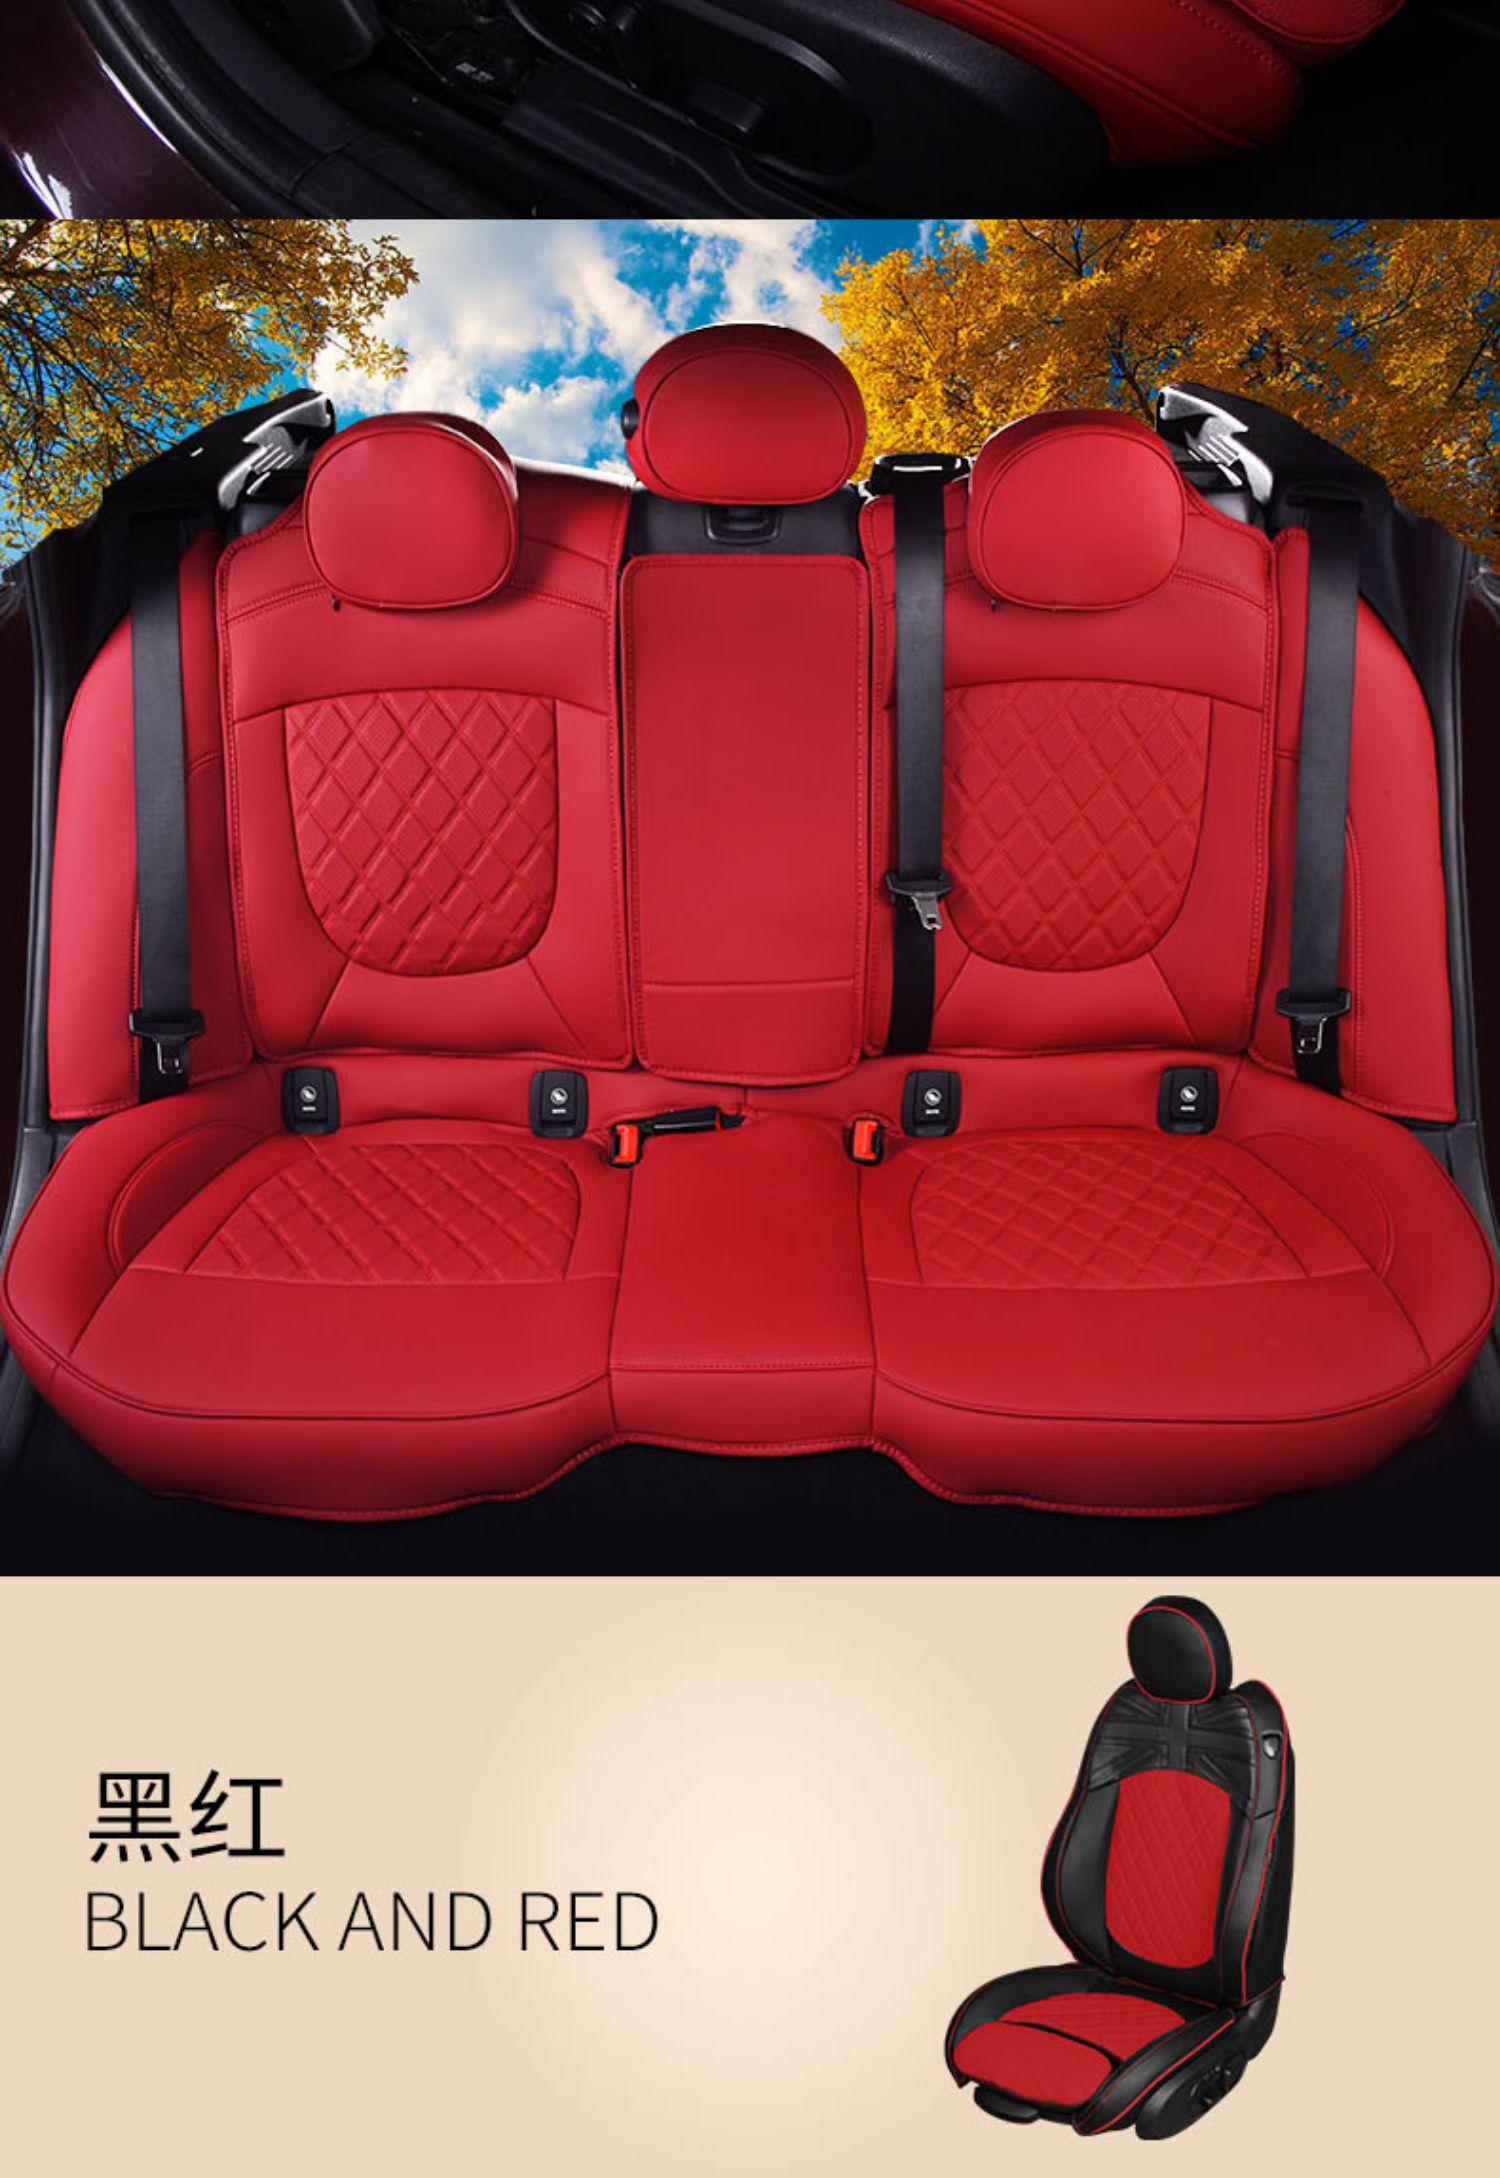 宝马mini座套迷你cooper全包汽车座椅套改装one专用车坐垫装饰F56商品详情图